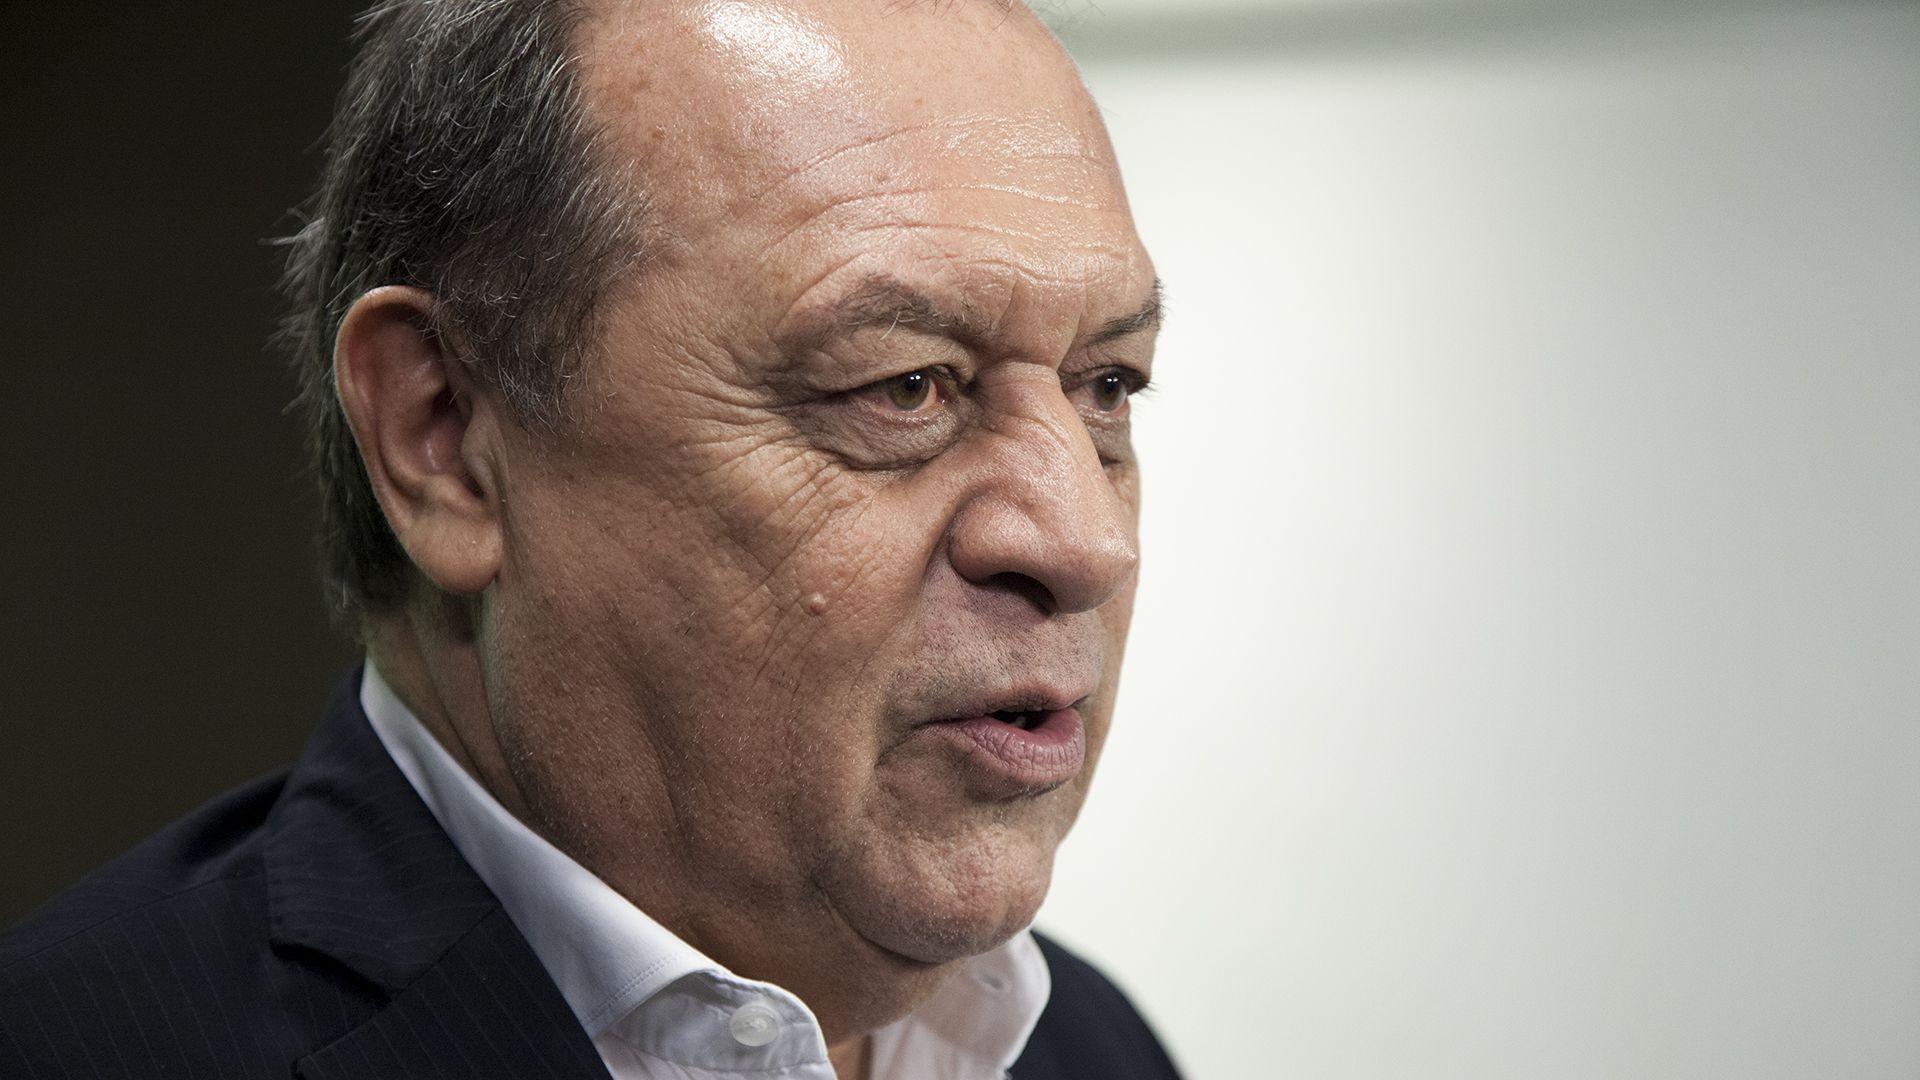 El cordobés fue el ministro y secretario de Turismo de la Nación durante el mandato de Mauricio Macri